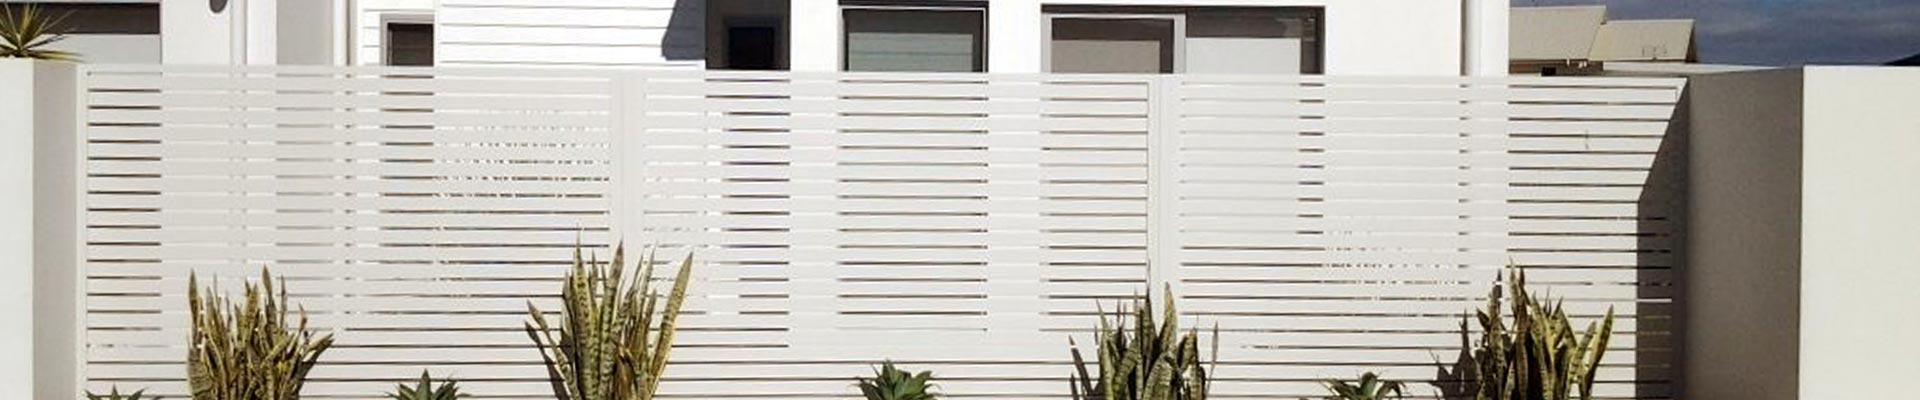 aluminium screens & lattice | gold coast | Nerang | Lifesaver Pool